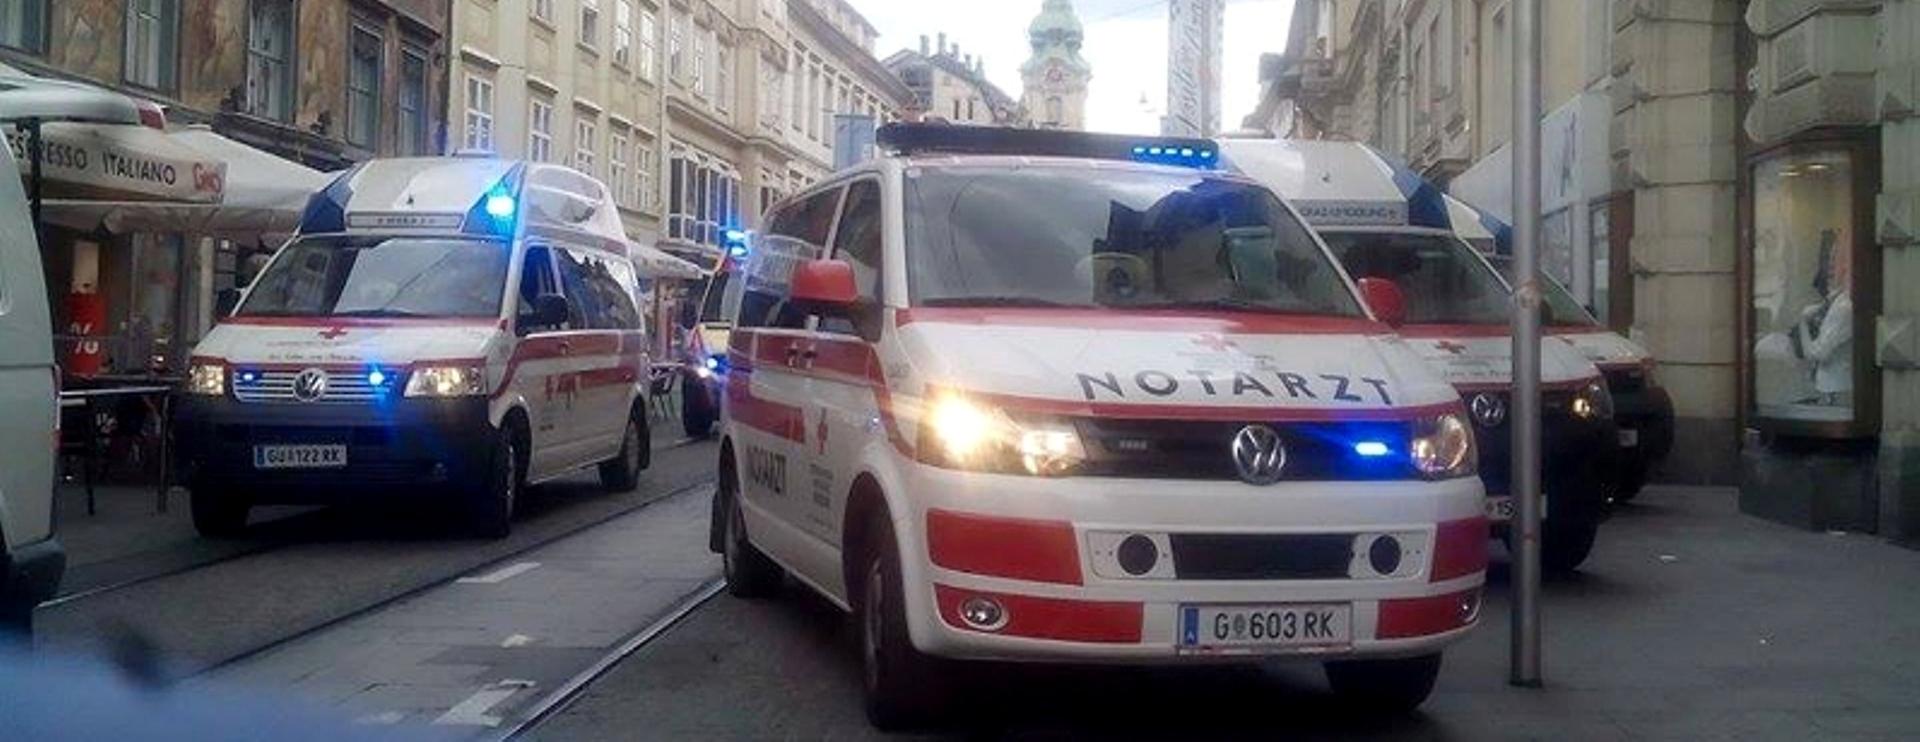 SAMOZATAJNI JUNAK Kaštelanski anesteziolog Antonio Jerčić pomagao ozlijeđenima u napadu u Grazu